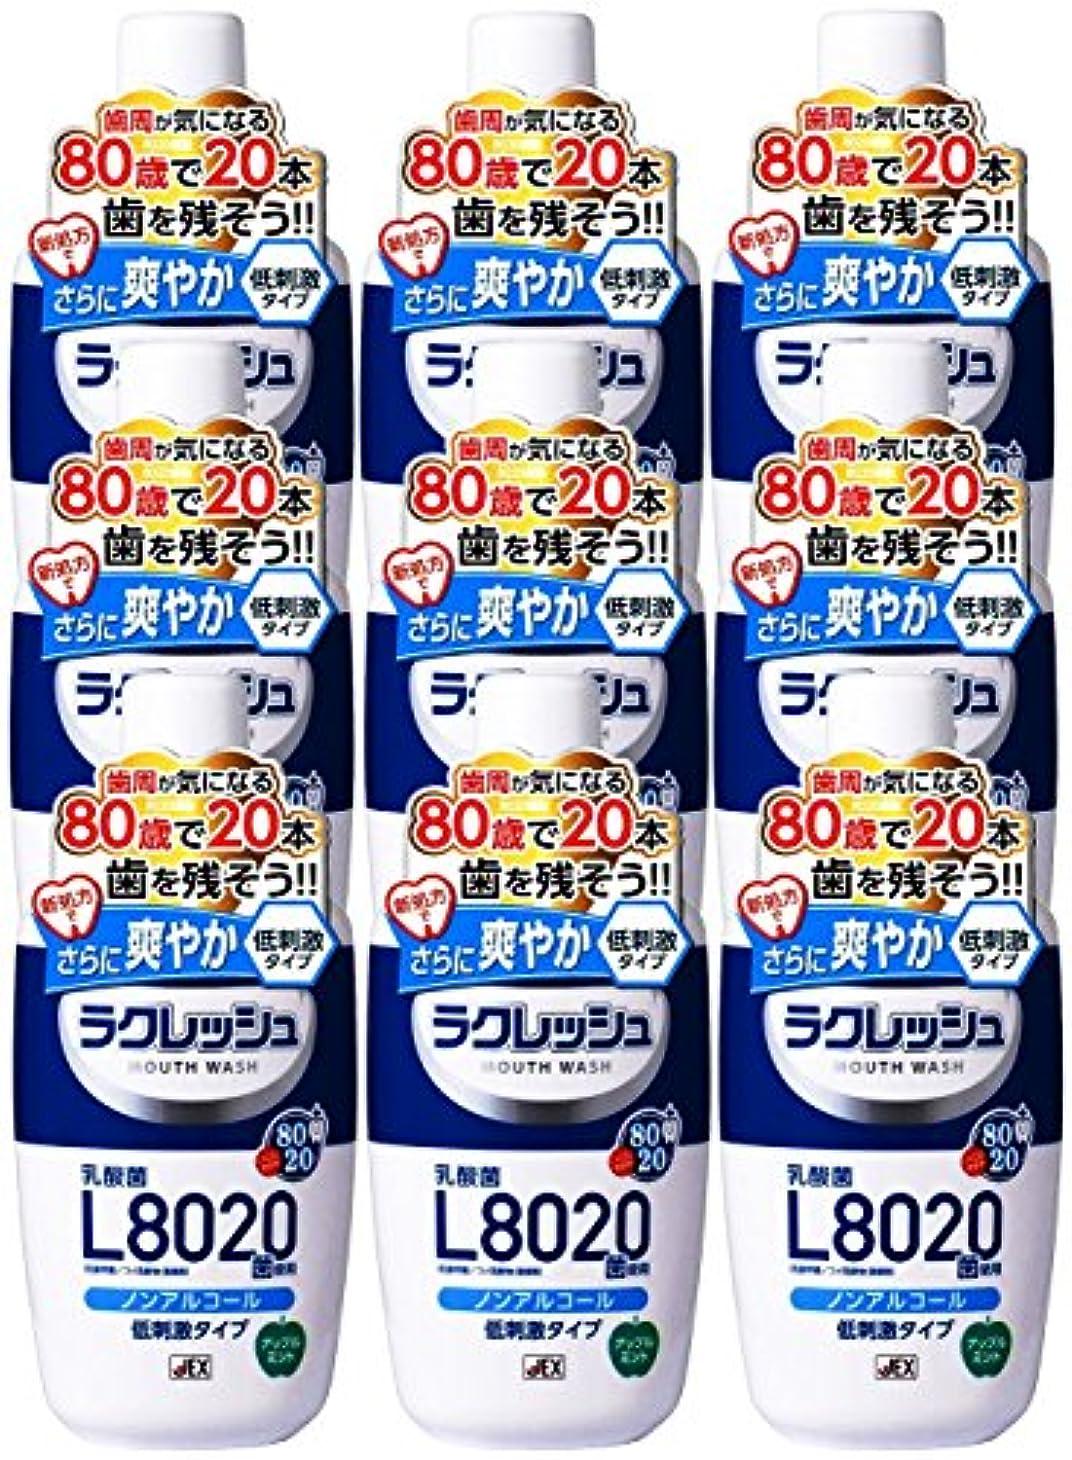 ライナー煙比類なき【9個セット】ラクレッシュ L8020菌 マウスウォッシュ